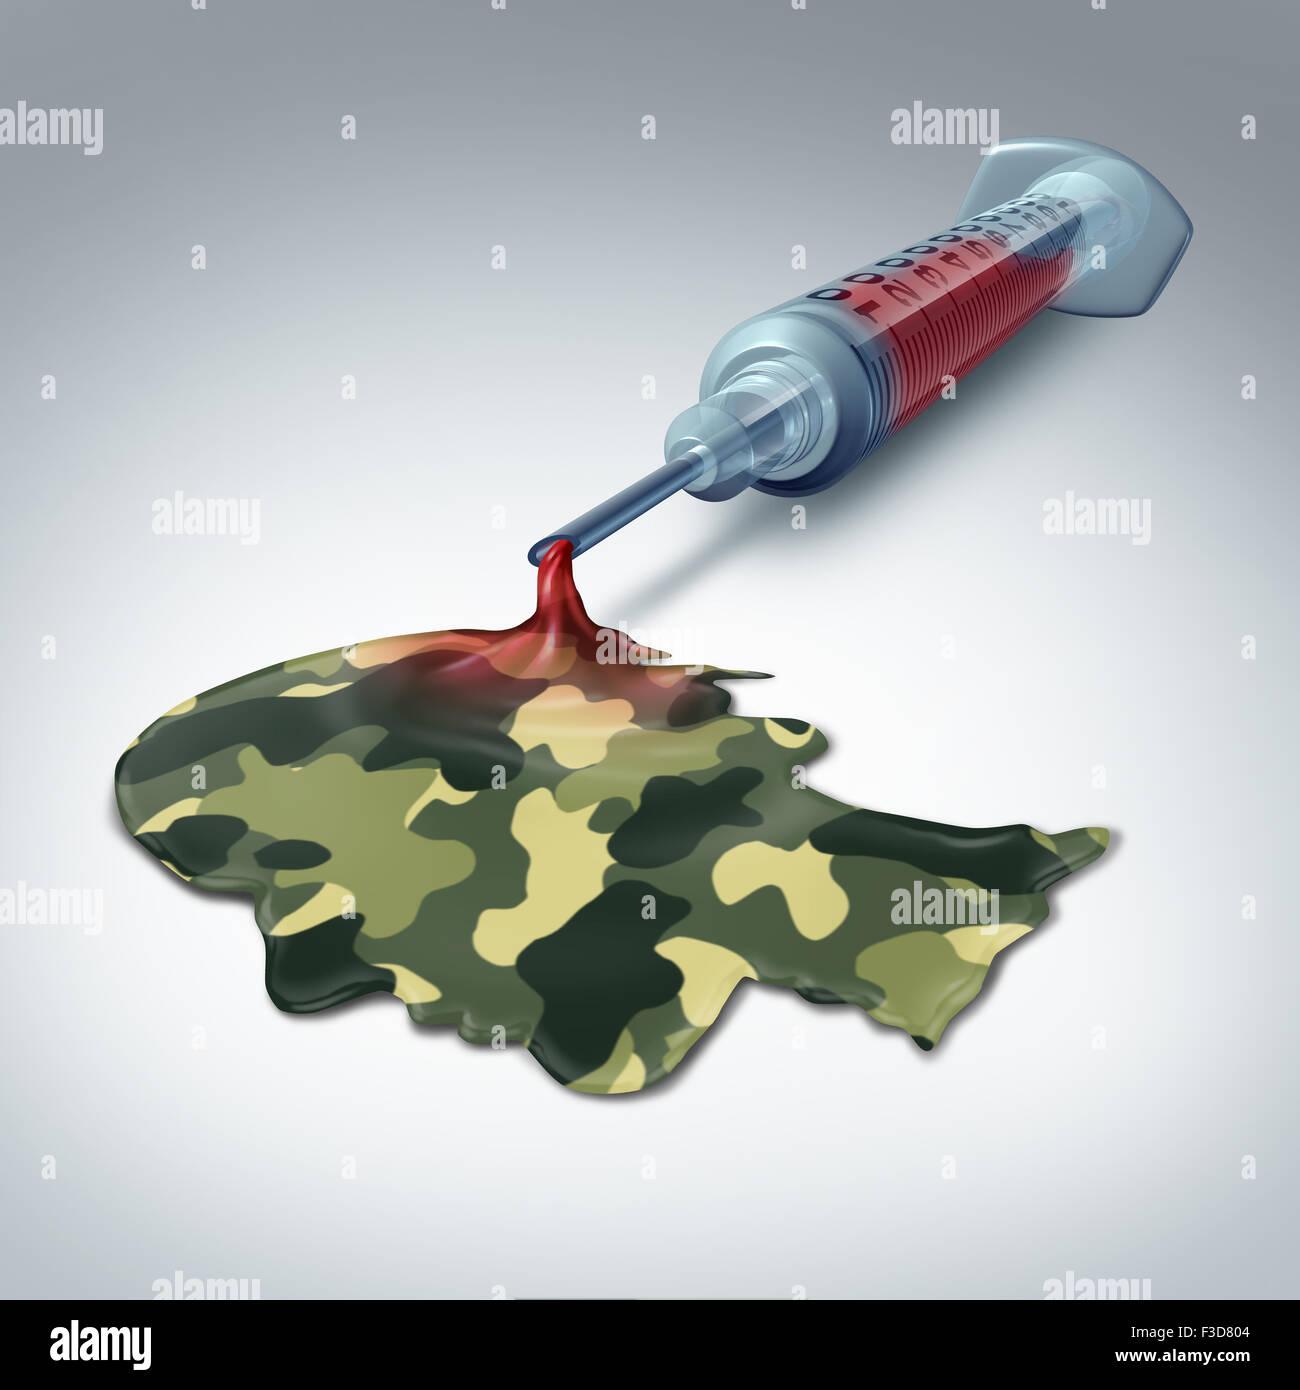 Concepto de salud militar y veterano metáfora médica como una jeringa con sangre emergiendo como líquido Imagen De Stock